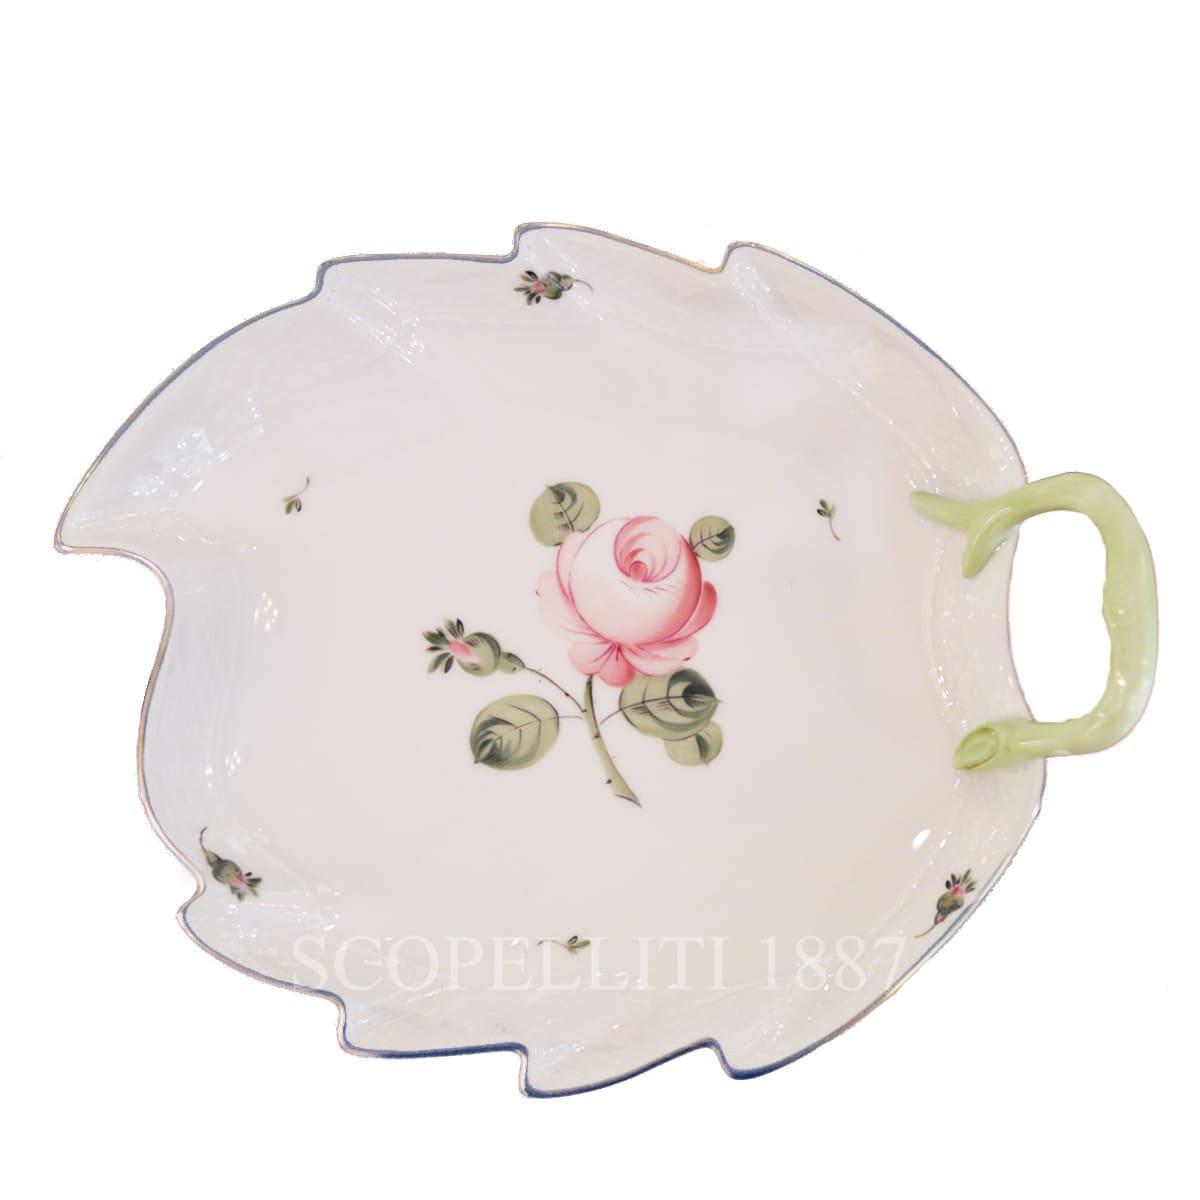 Herend Viennese Rose Platinum Leaf Dish 200-0-00 VGR-PT